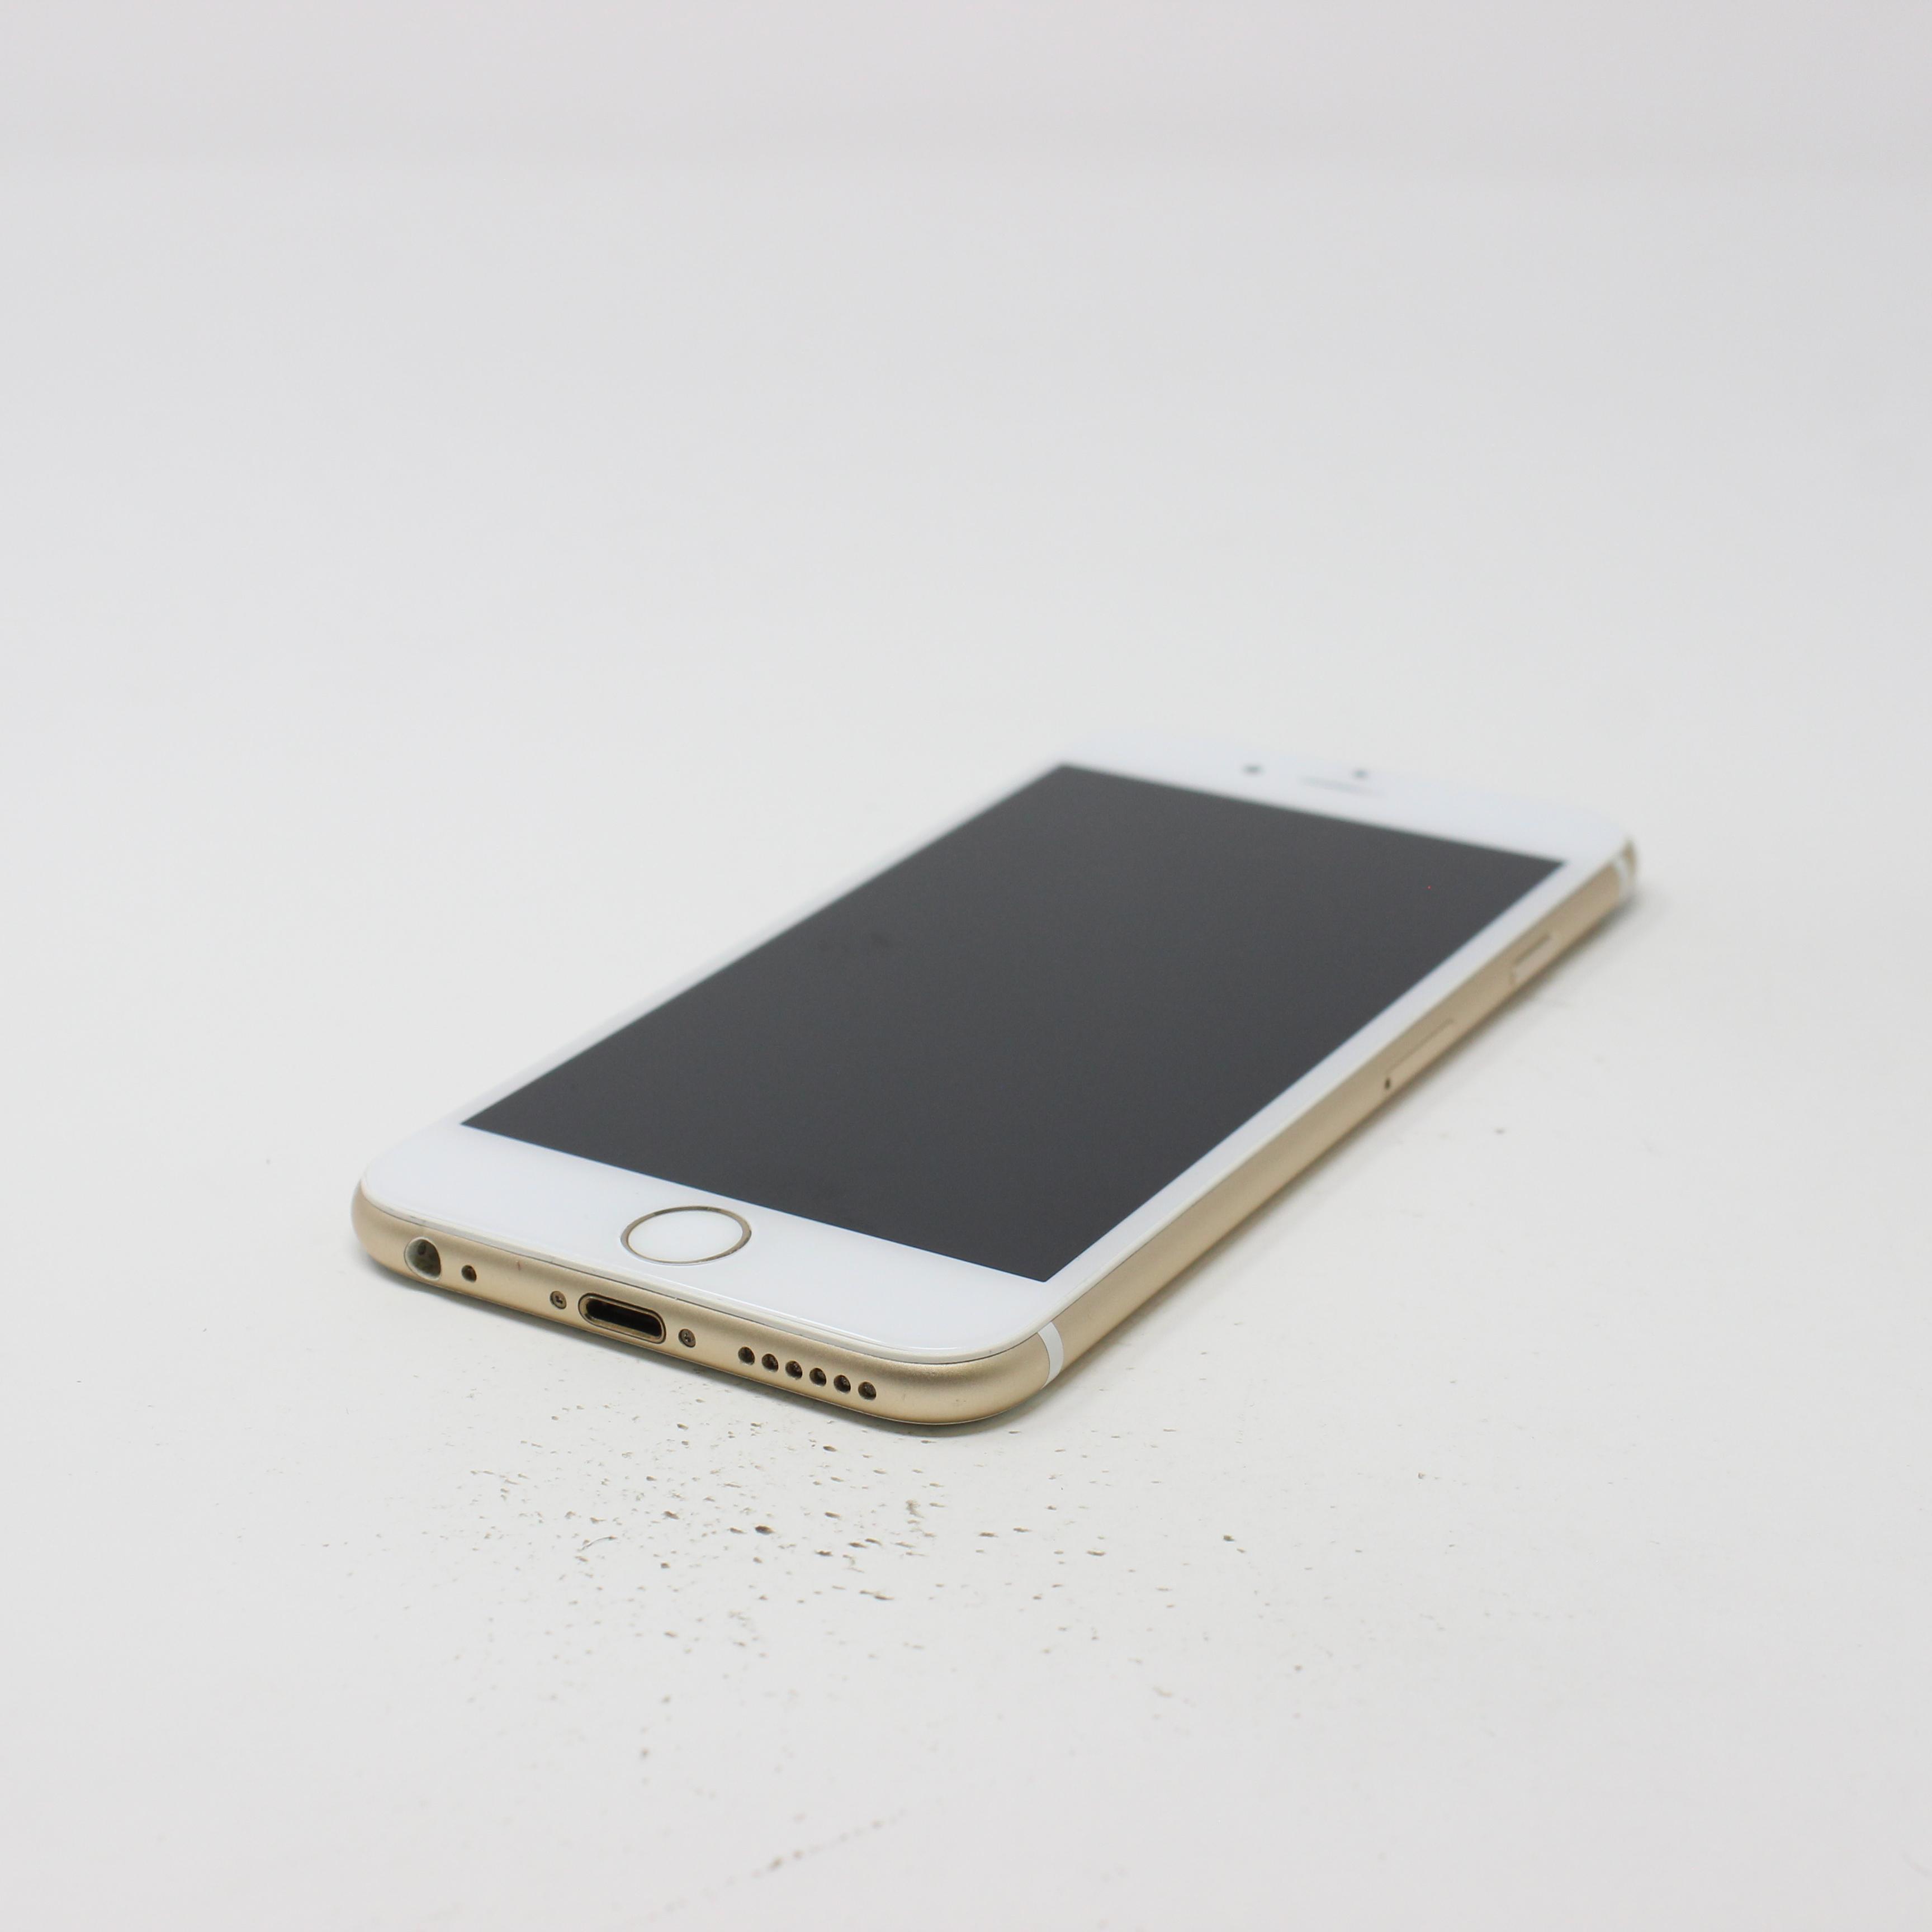 iPhone 6S 16GB Gold - AT&T photo 6 | UpTradeit.com